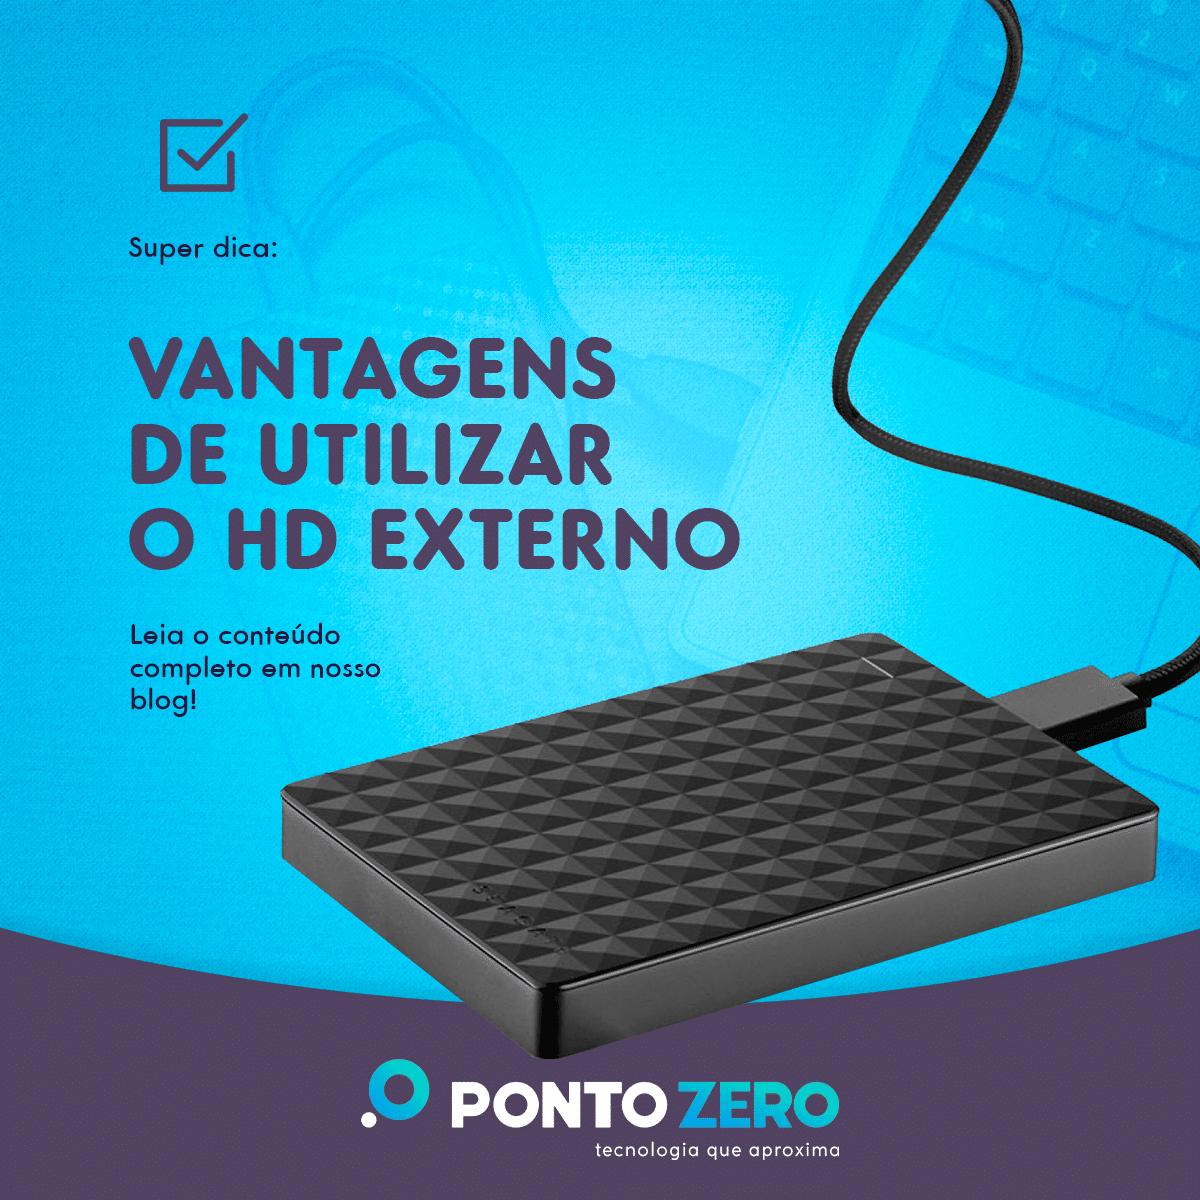 Vantagens de utilizar o HD externo para armazenamento